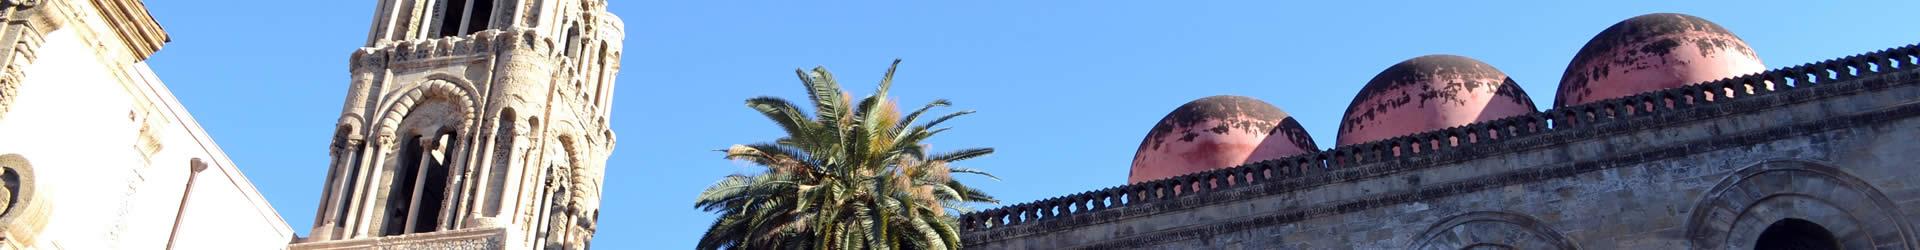 Sicily villas near main cities